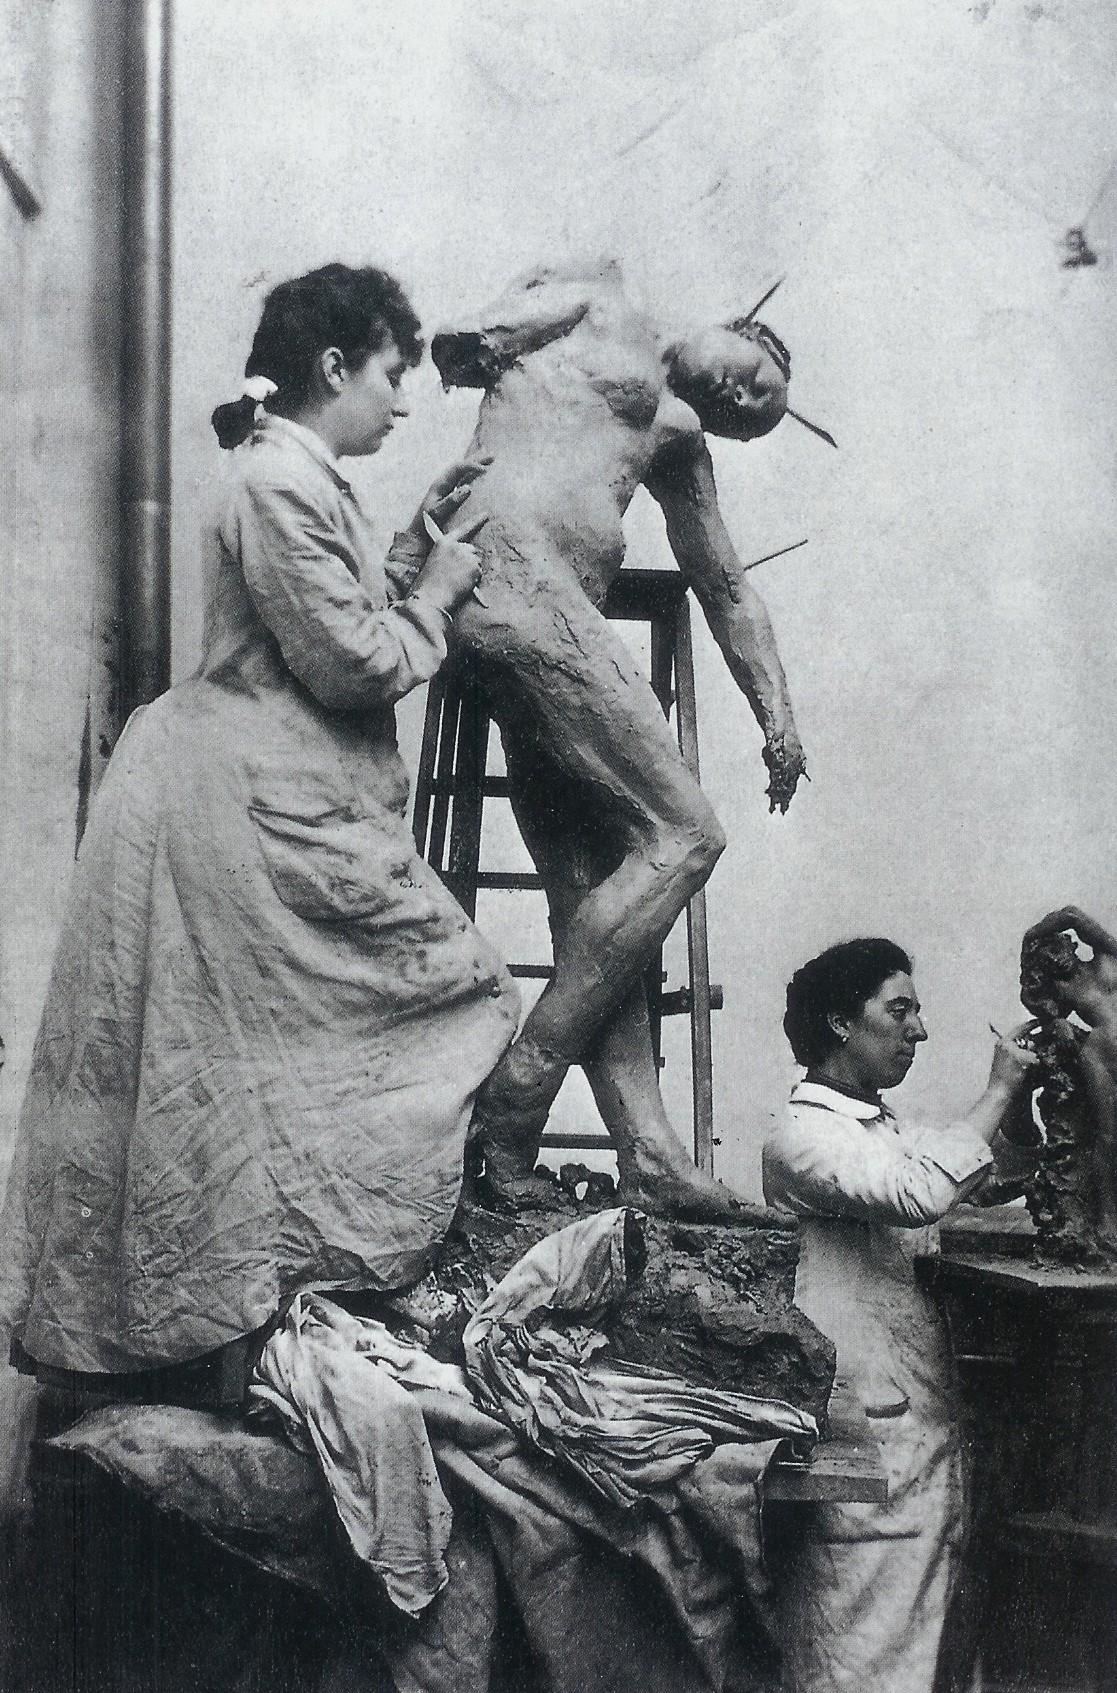 Arquivo: Camille Claudel atelier.jpg